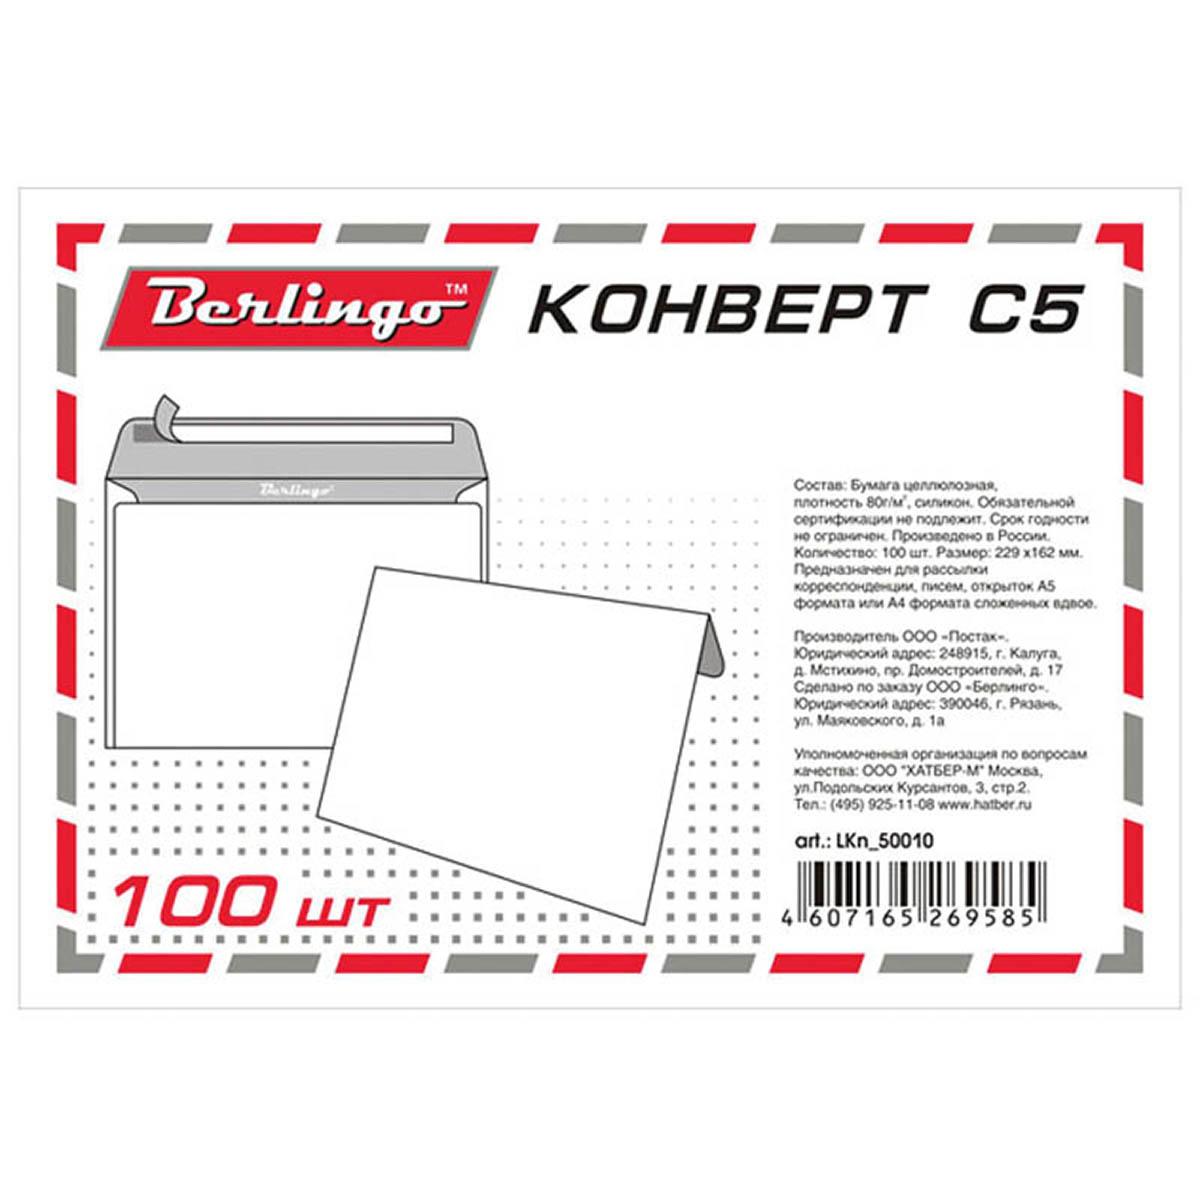 Конверт C5 100 шт LKn_50010LKn_50010Конверт без подсказа, без окна. Формат С5 соответвует размеру 162х229мм. Служит для рассылки документов А5 без сложения и А4, сложенных вдвое. Клапан конверта крепится с помощью отрывной силиконовой ленты. Упаковка - термоусадочная пленка